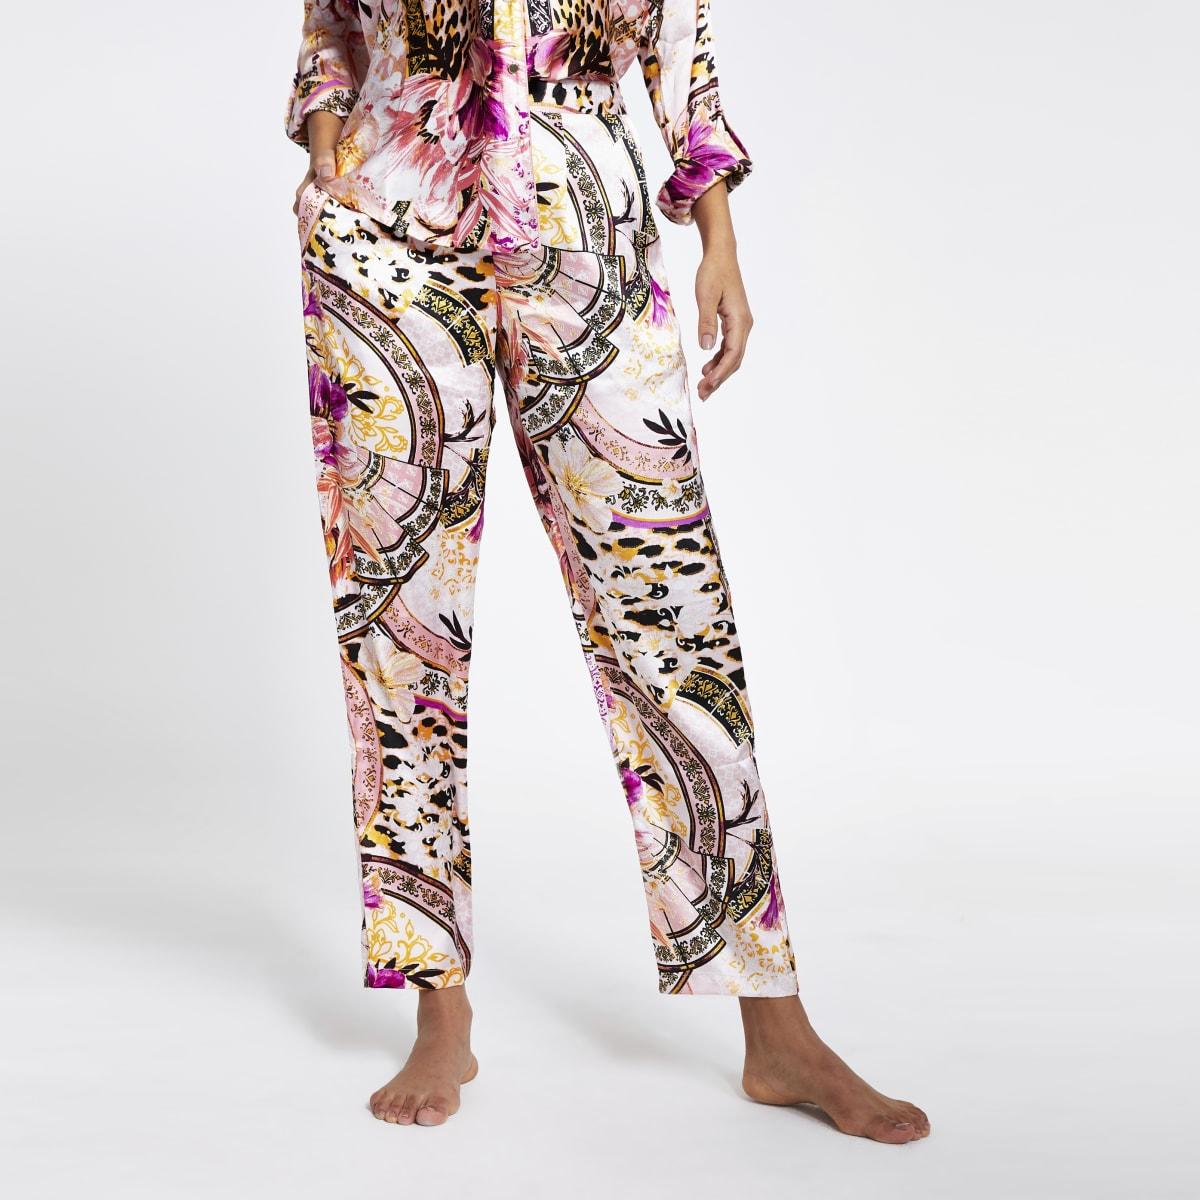 Roze satijnen ruimvallende pyjamabroek met print